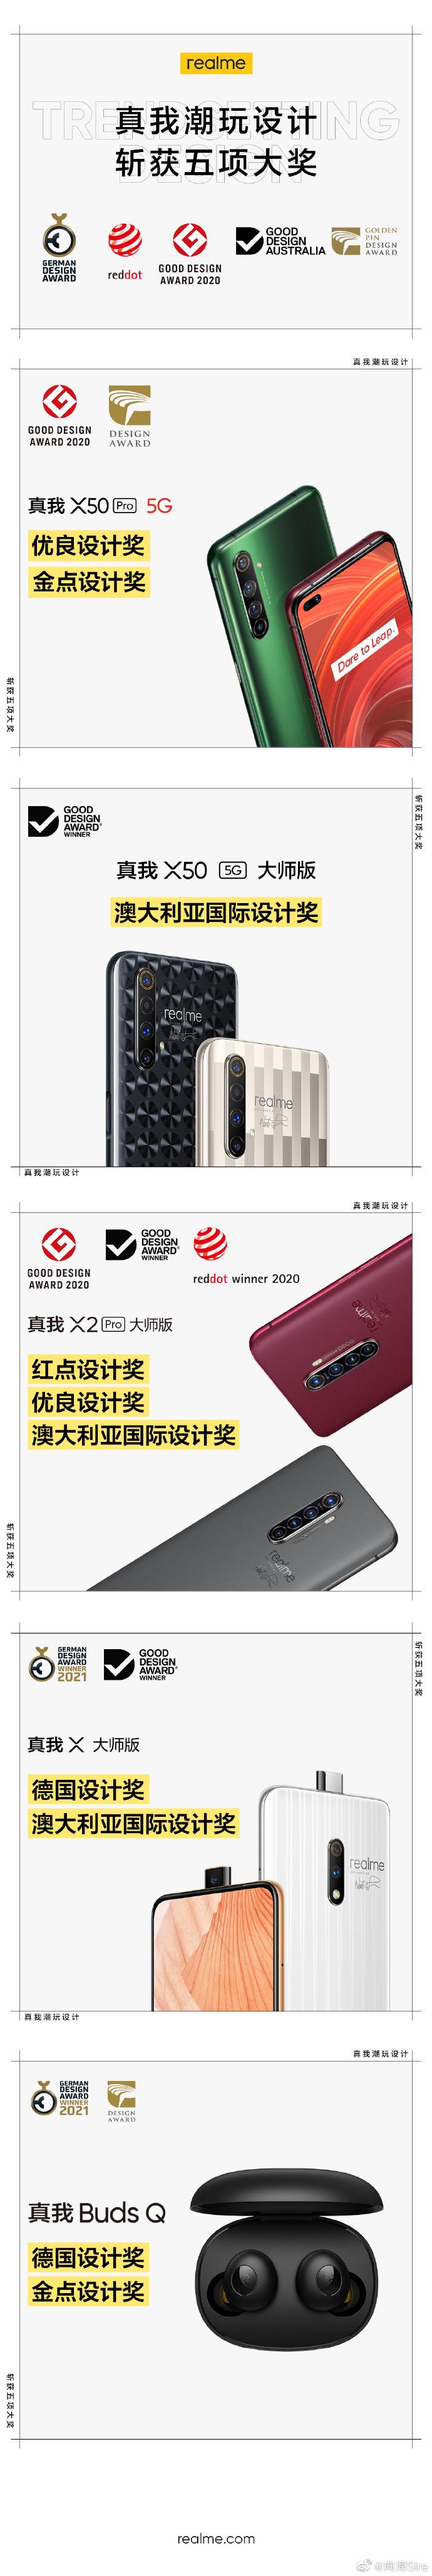 realme的产品设计在工业设计领域真正地得到世界级的认可-玩懂手机网 - 玩懂手机第一手的手机资讯网(www.wdshouji.com)